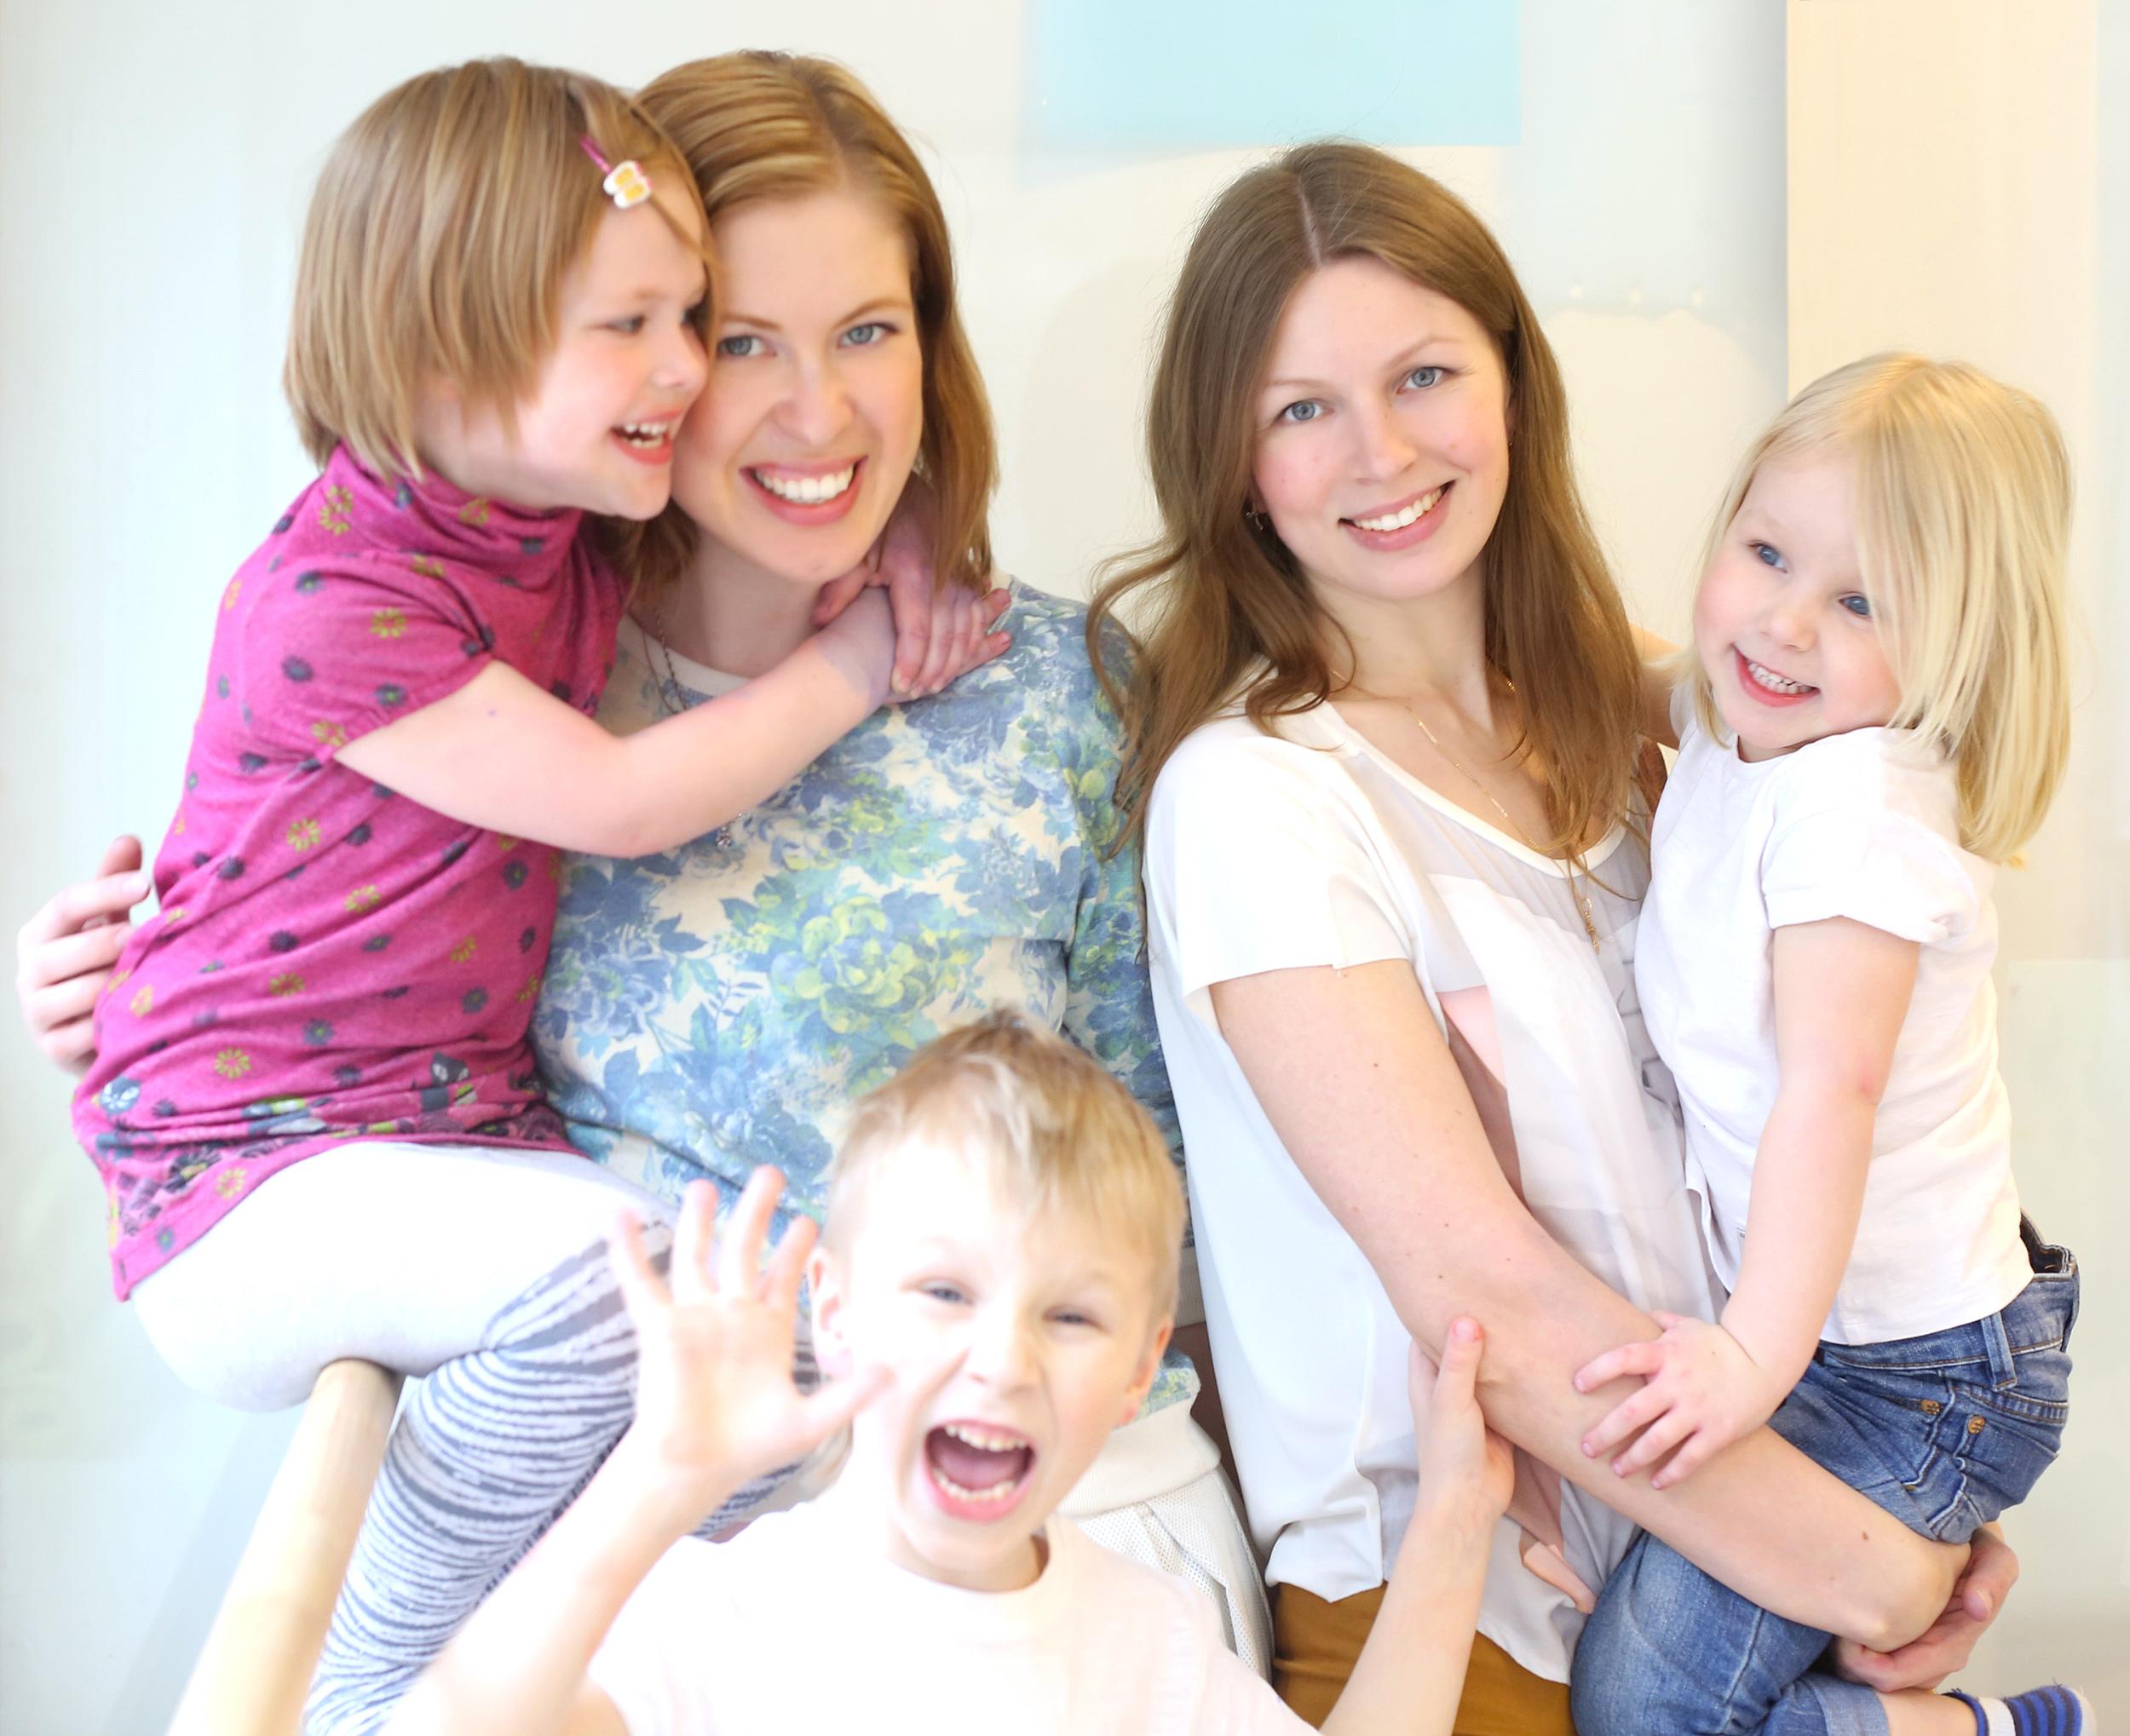 Анна Вендик с дочкой Софией и Ольга Васильева с детьми Андреем и Марией.